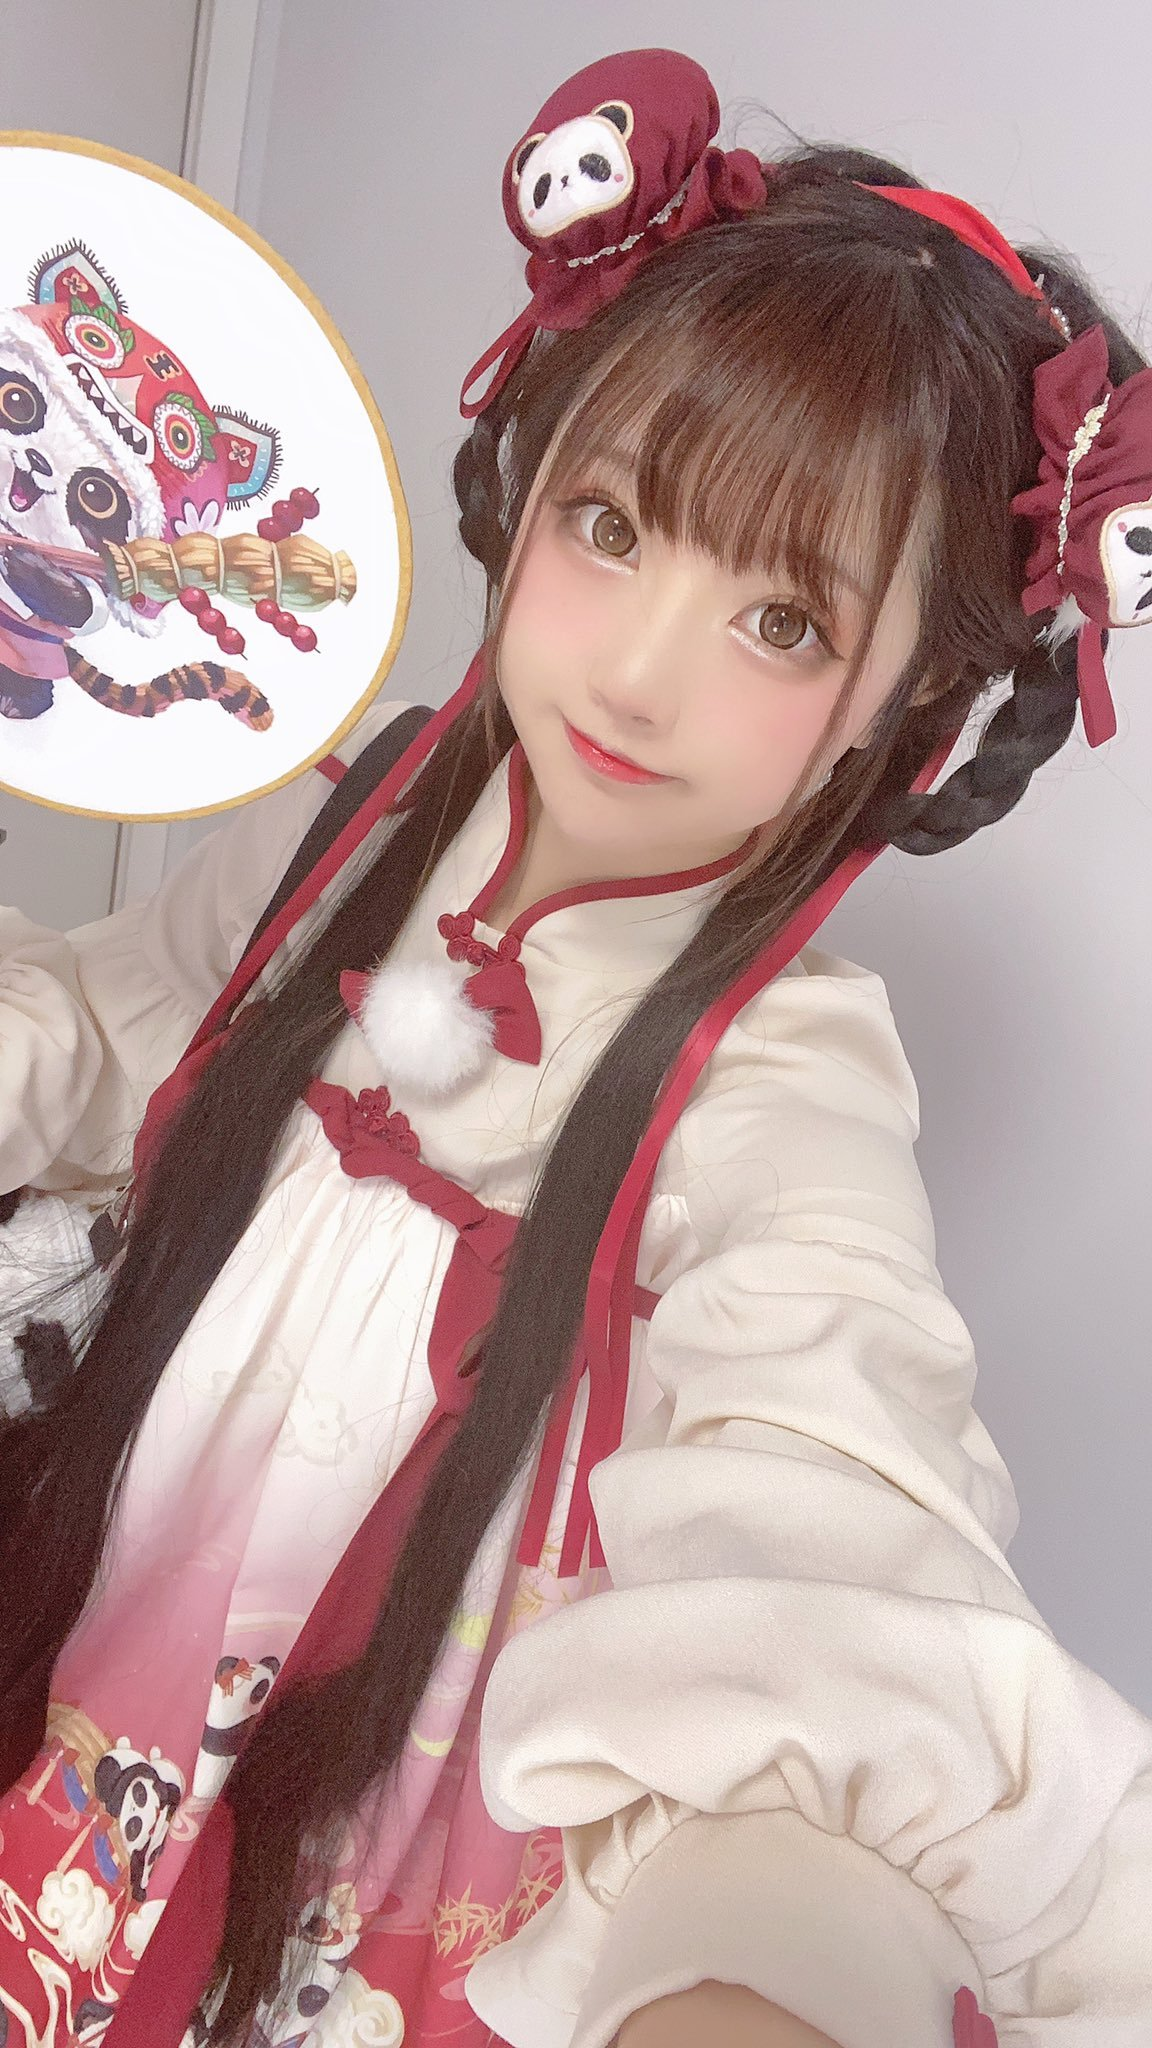 seeu_cosplay 1245938118307405825_p1